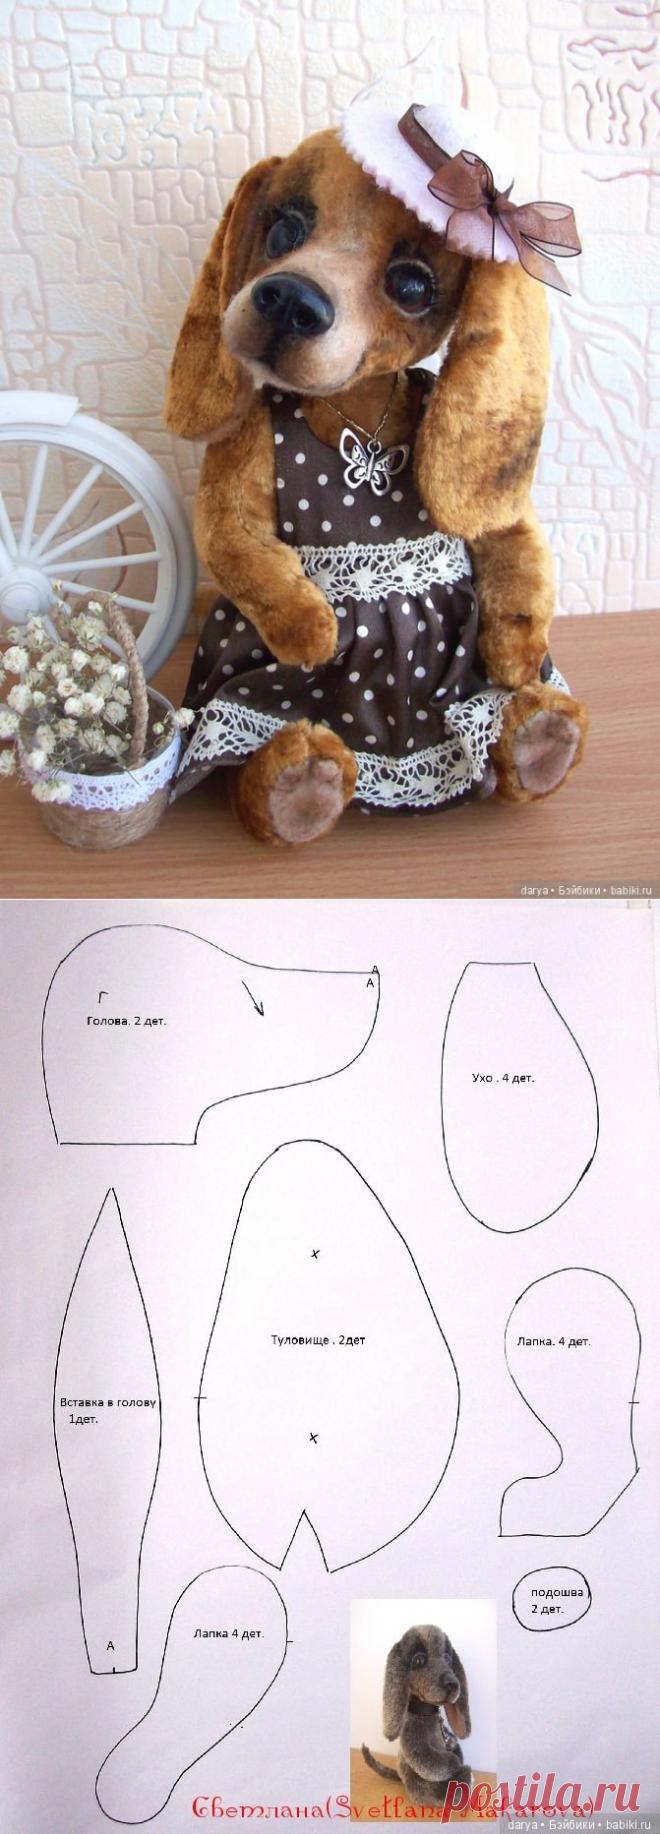 Выкройка игрушки таксы от Светланы Макаровой / Собака / Бэйбики. Куклы фото. Одежда для кукол